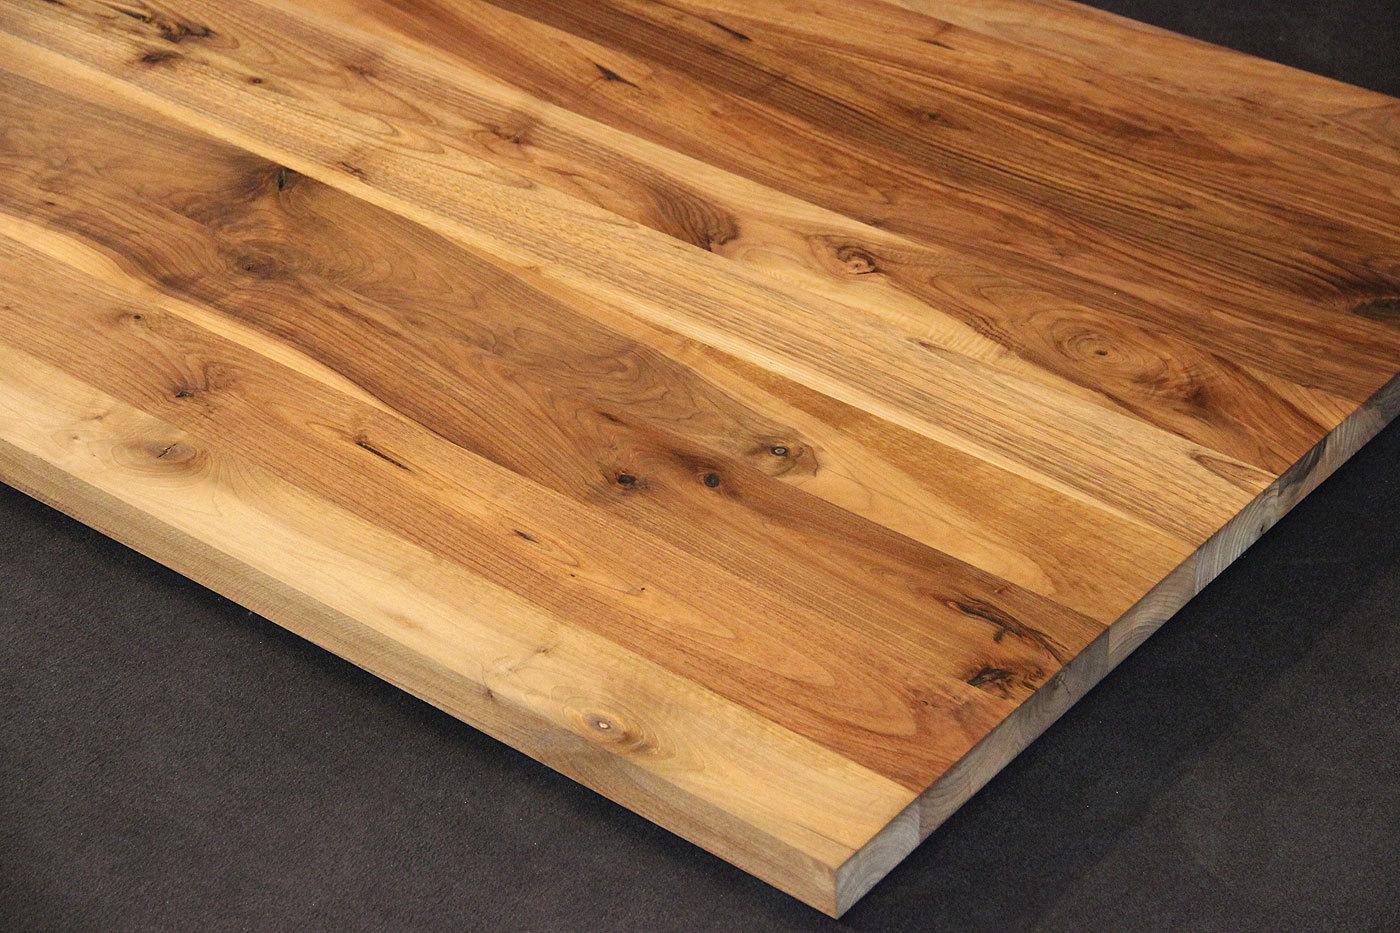 Tischplatte massivholz nussbaum  Massivholz Kaukasischer Nussbaum Rustikal mit Splint DL 30/1800/1000